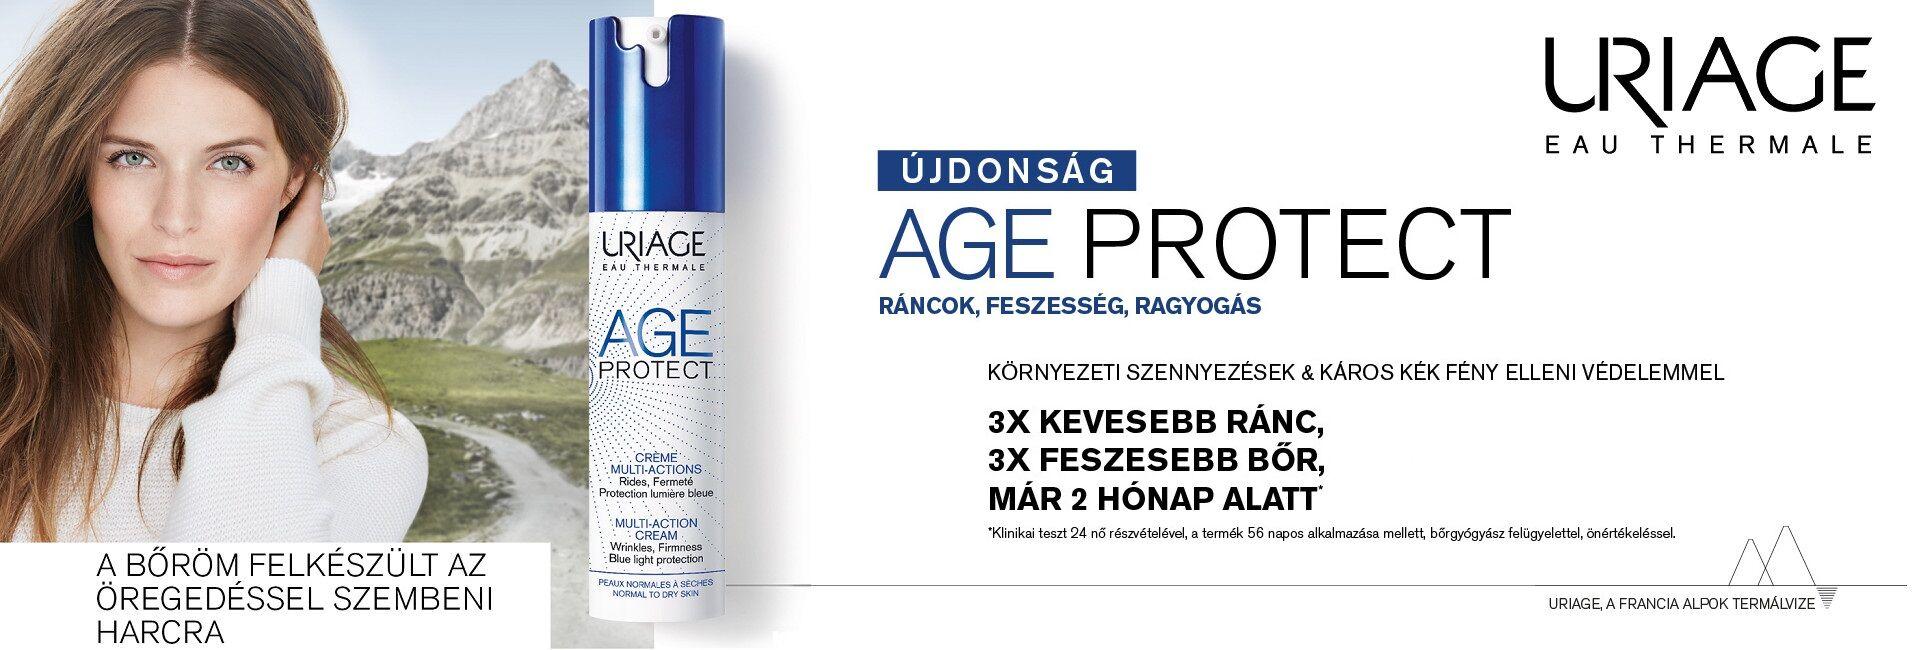 Új innováció az Uriage-tól: itt az Age Protect ránctalanító termékcsalád